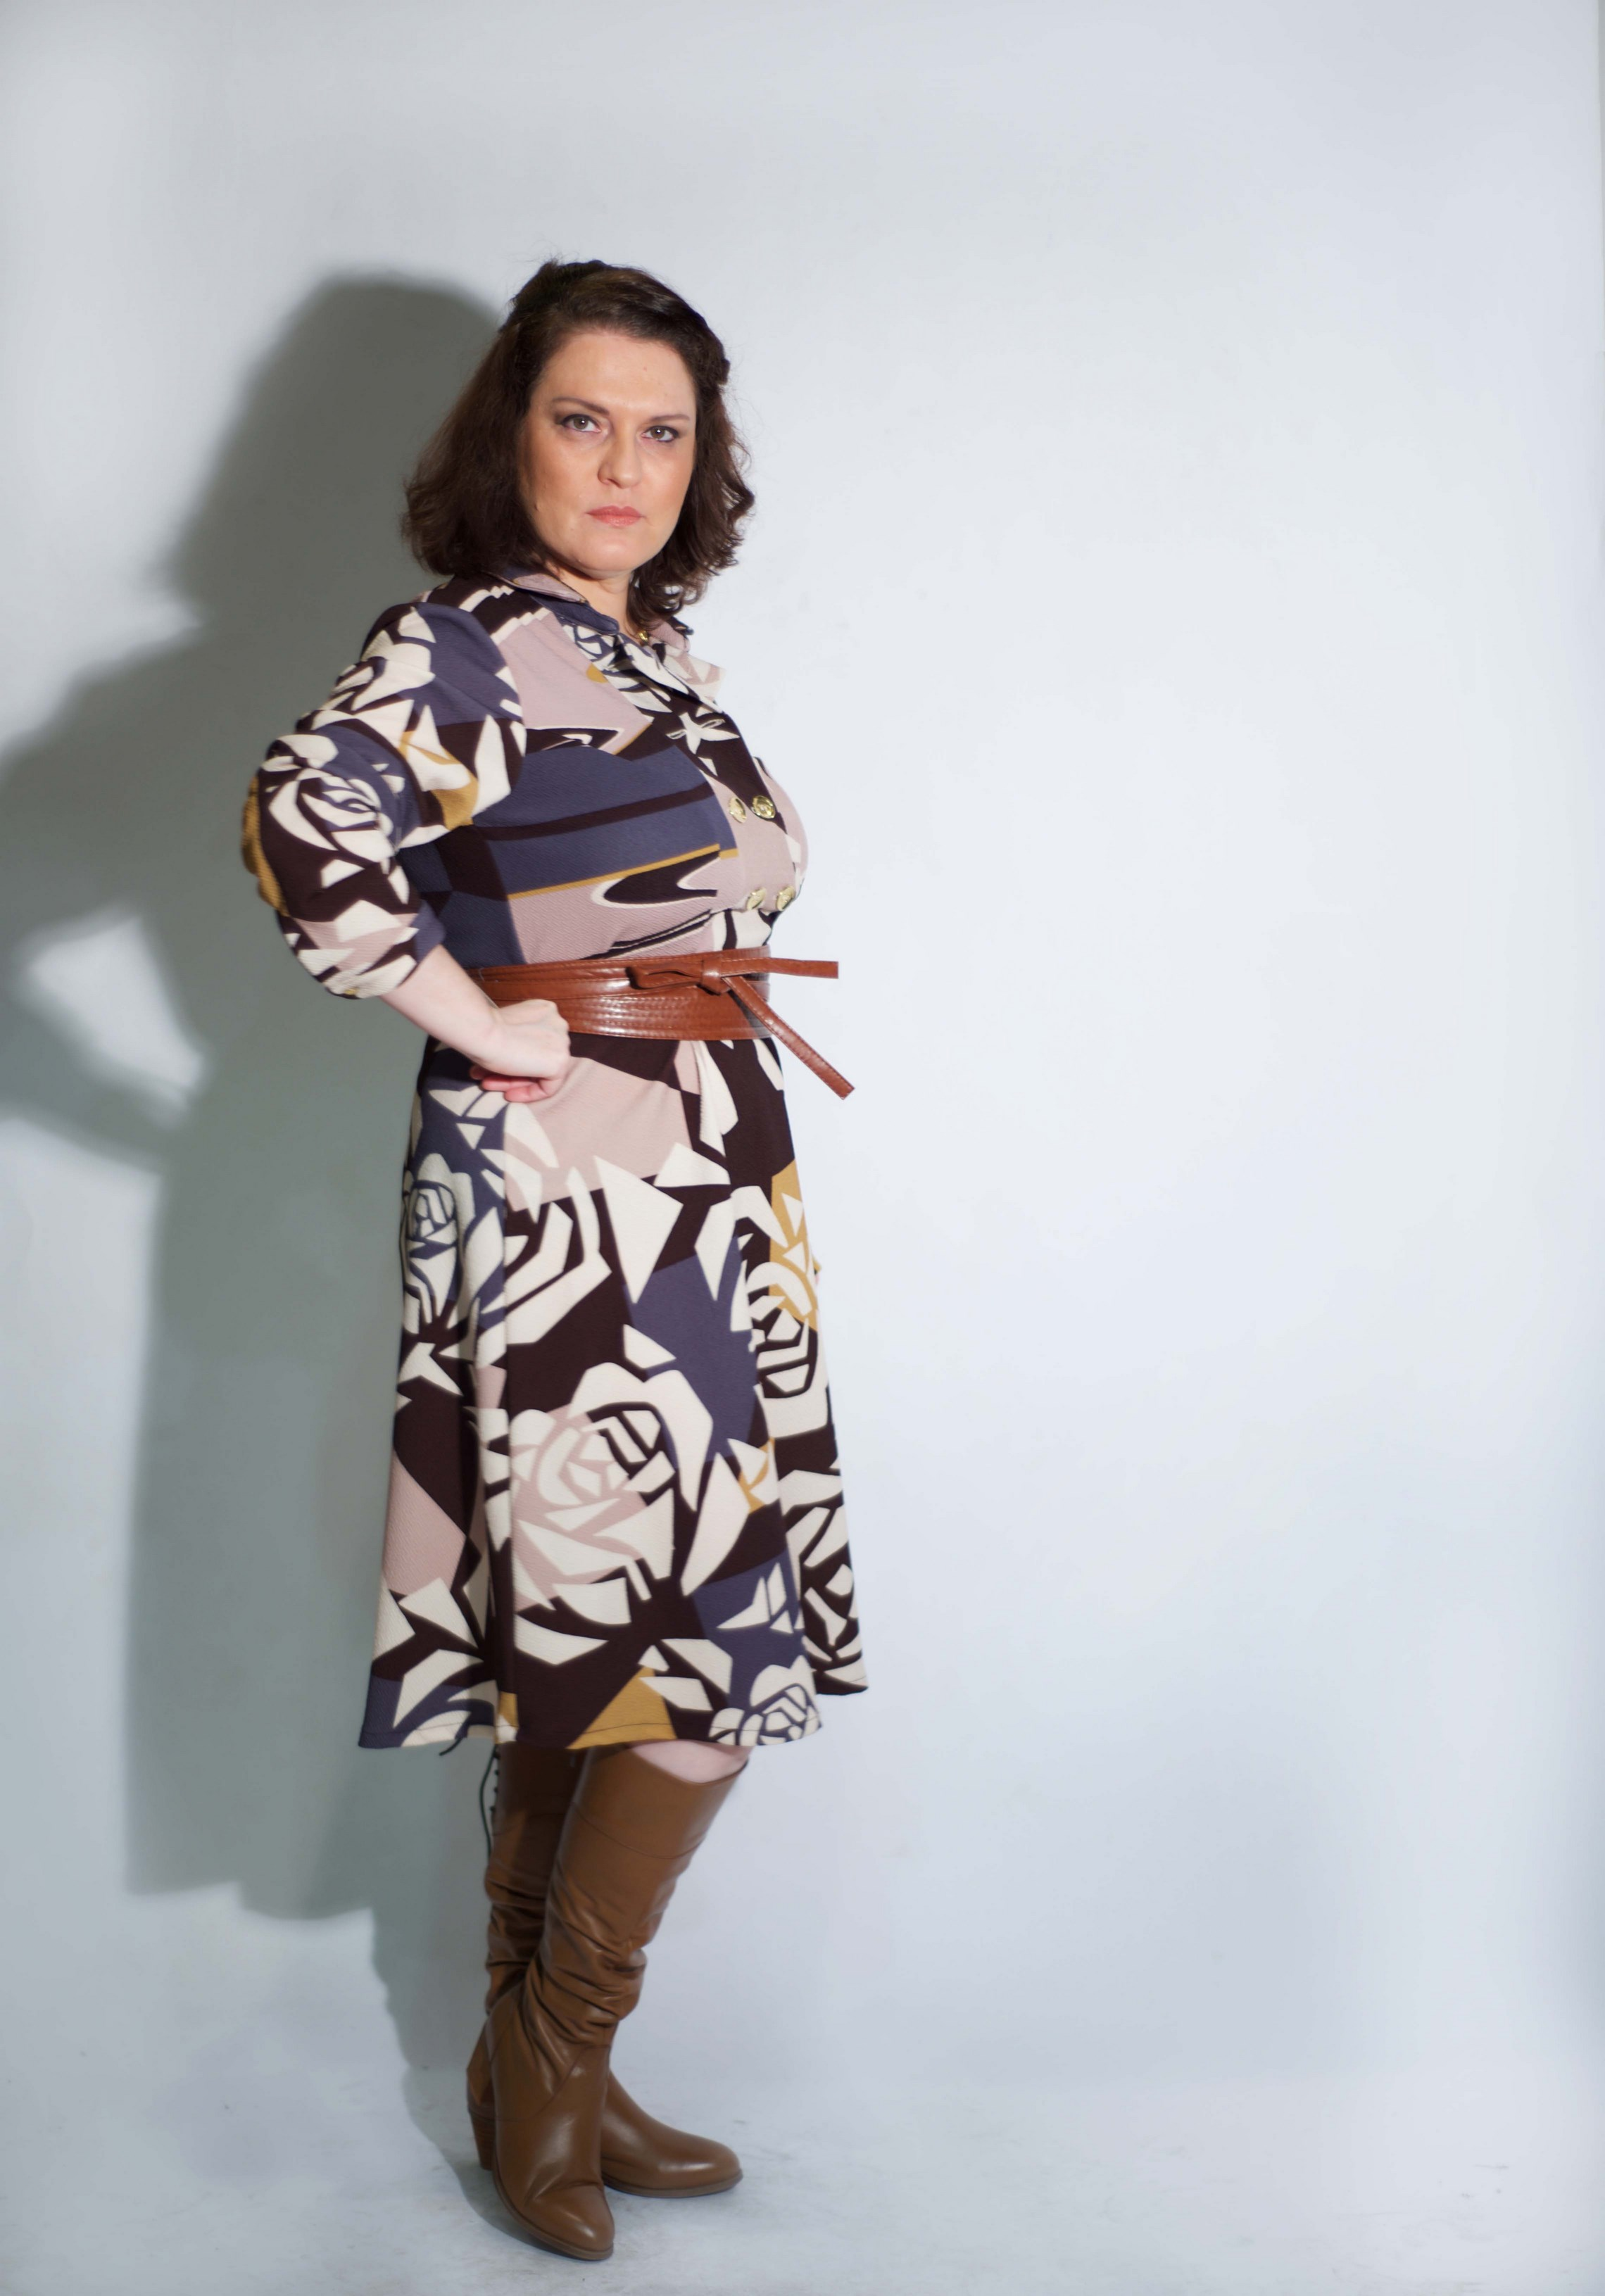 עדית מונדשיין מדגמנת שמלהשל המעצבת טלי אימבר.  במכירה הגדולה רק 299 שח. בית טפר תל גיבורים 5 תא צילום מאיה שוהם (Copy).jpg